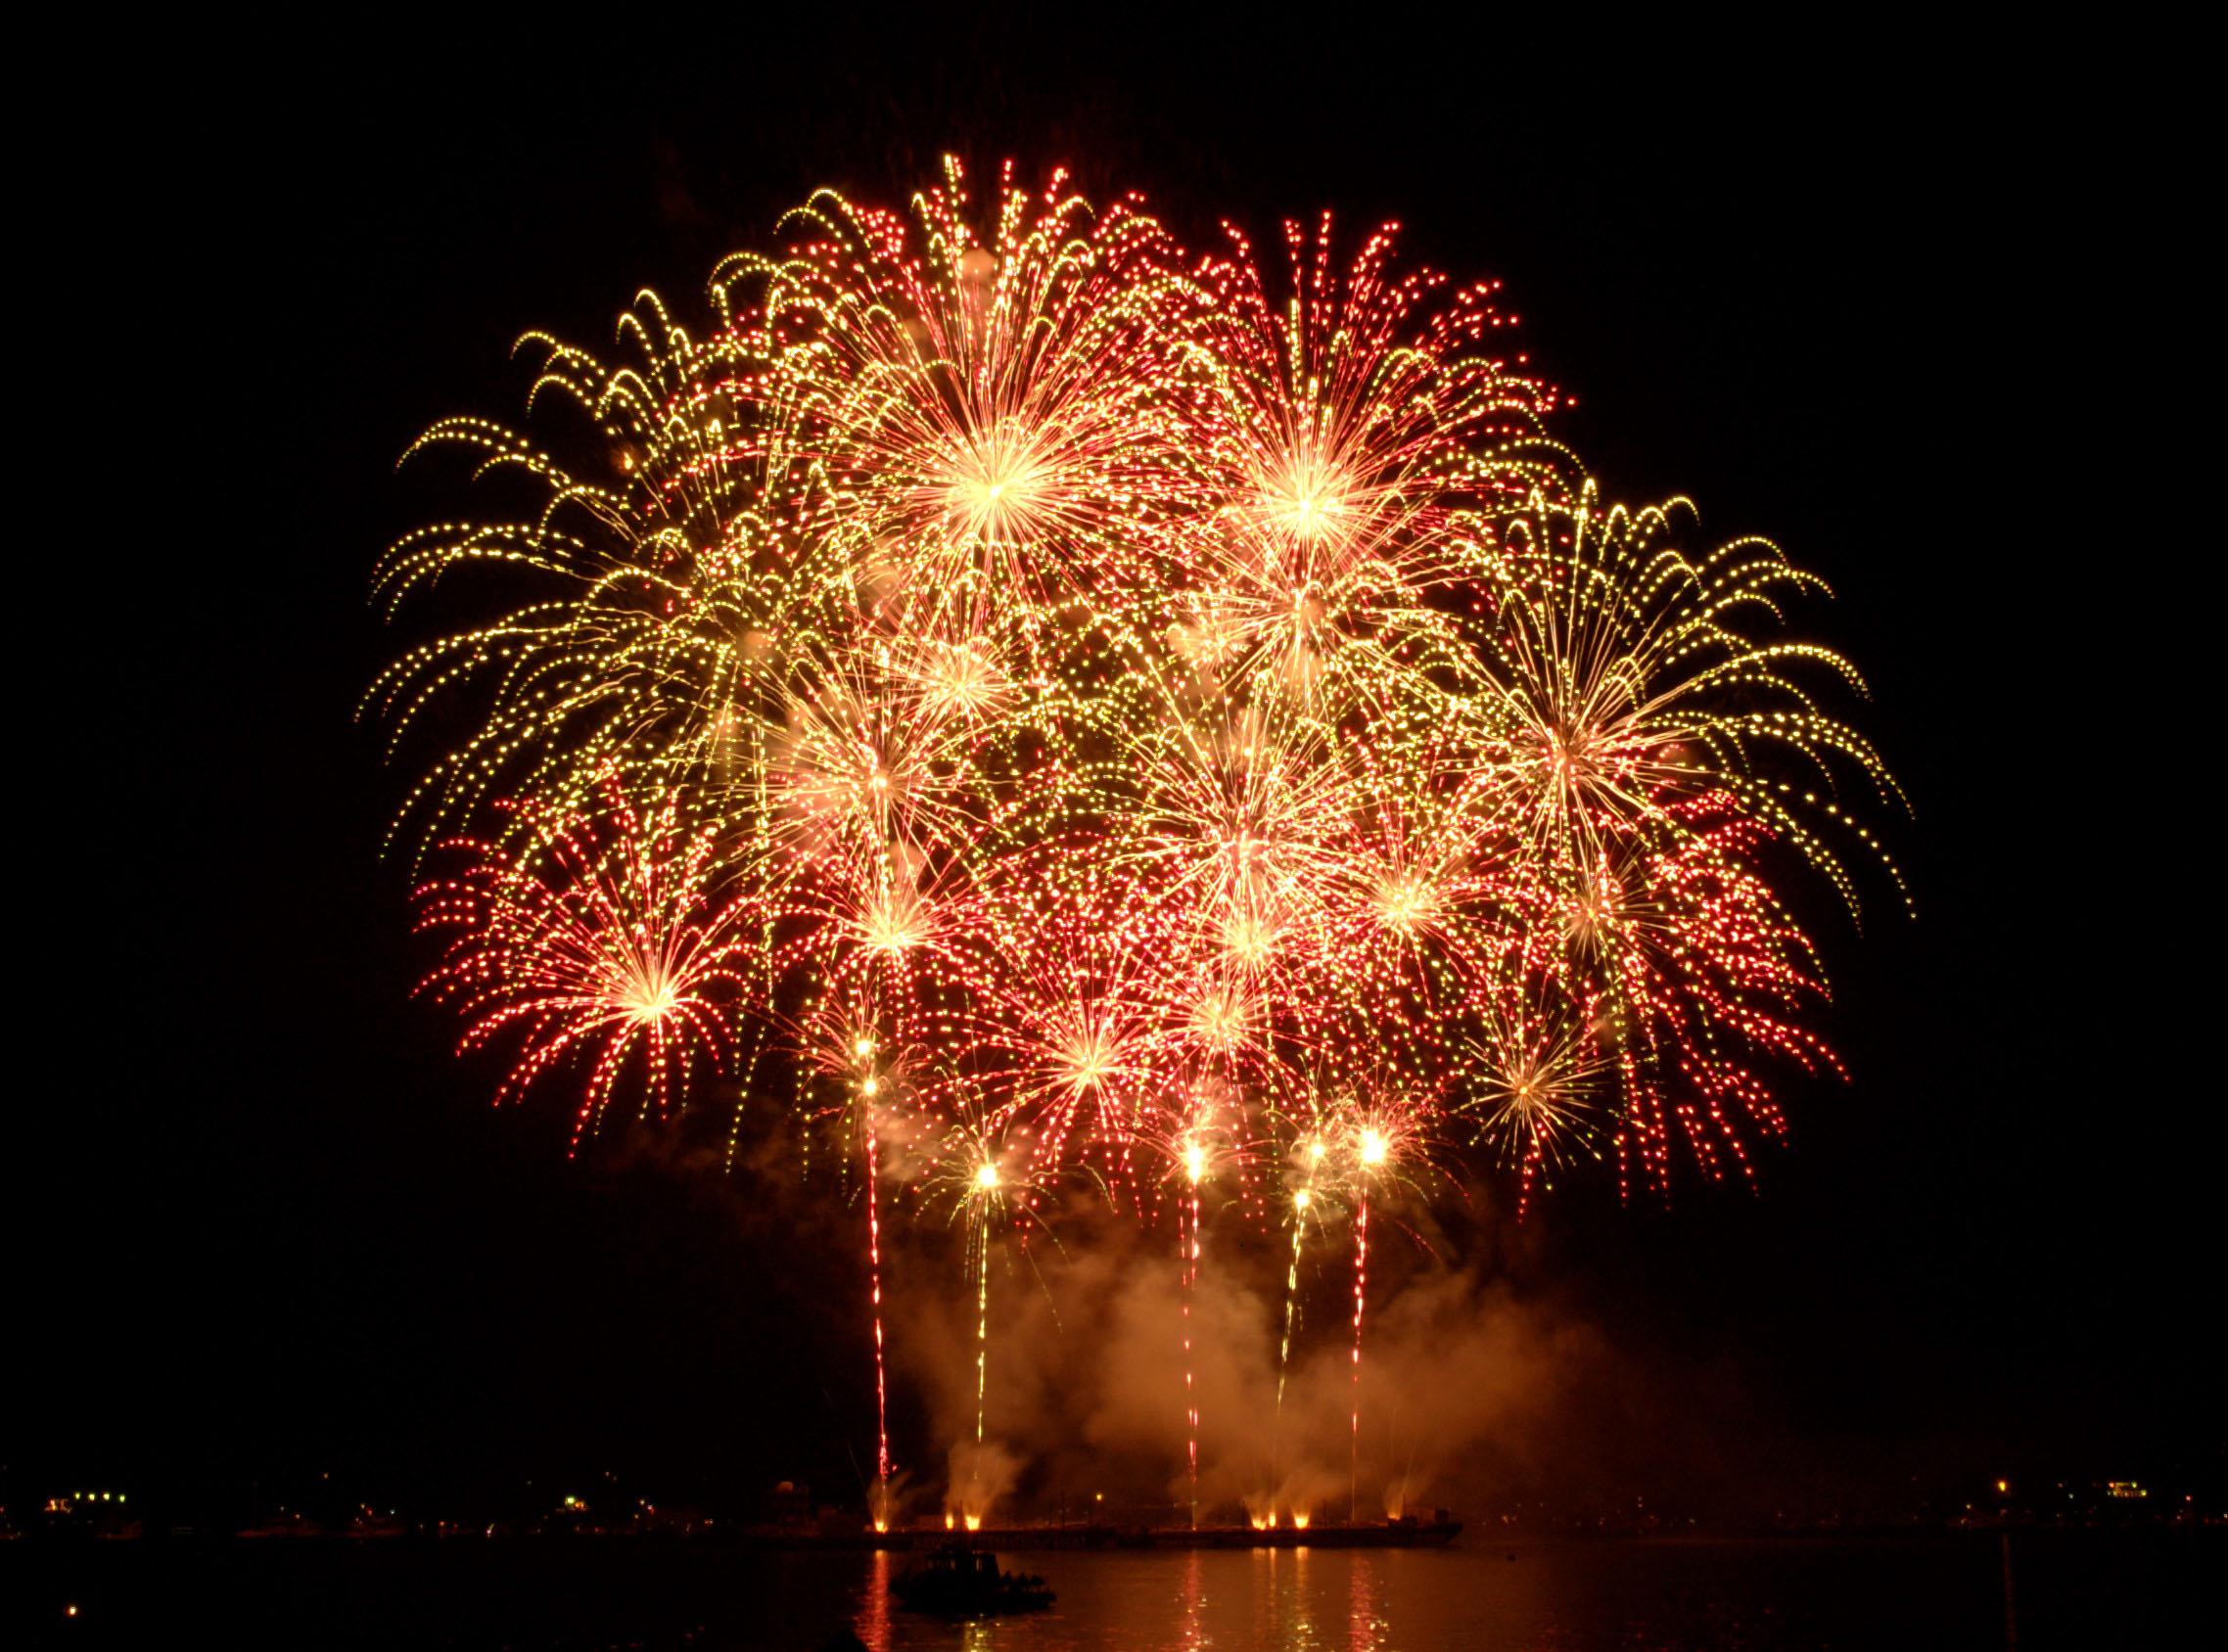 Fireworks Png Transparency Fireworks Png 24